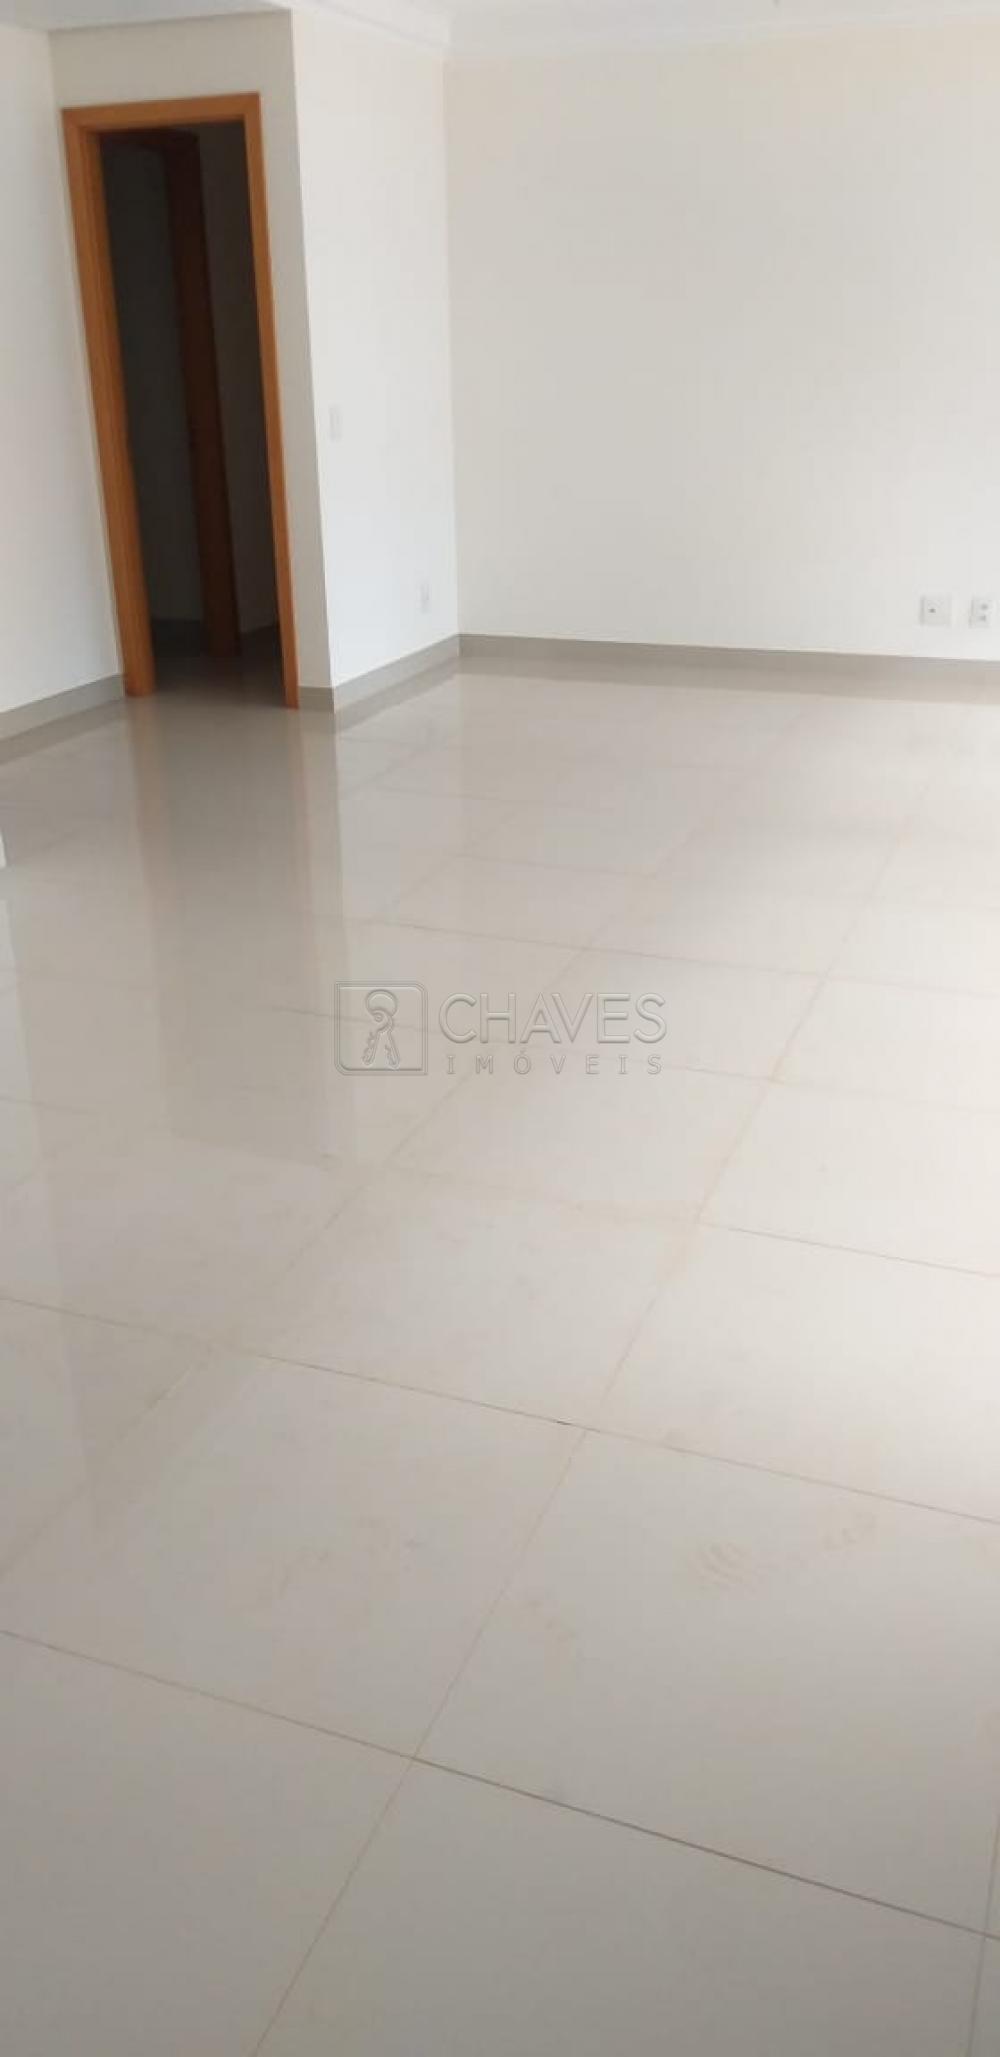 Comprar Apartamento / Padrão em Ribeirão Preto apenas R$ 756.933,41 - Foto 4